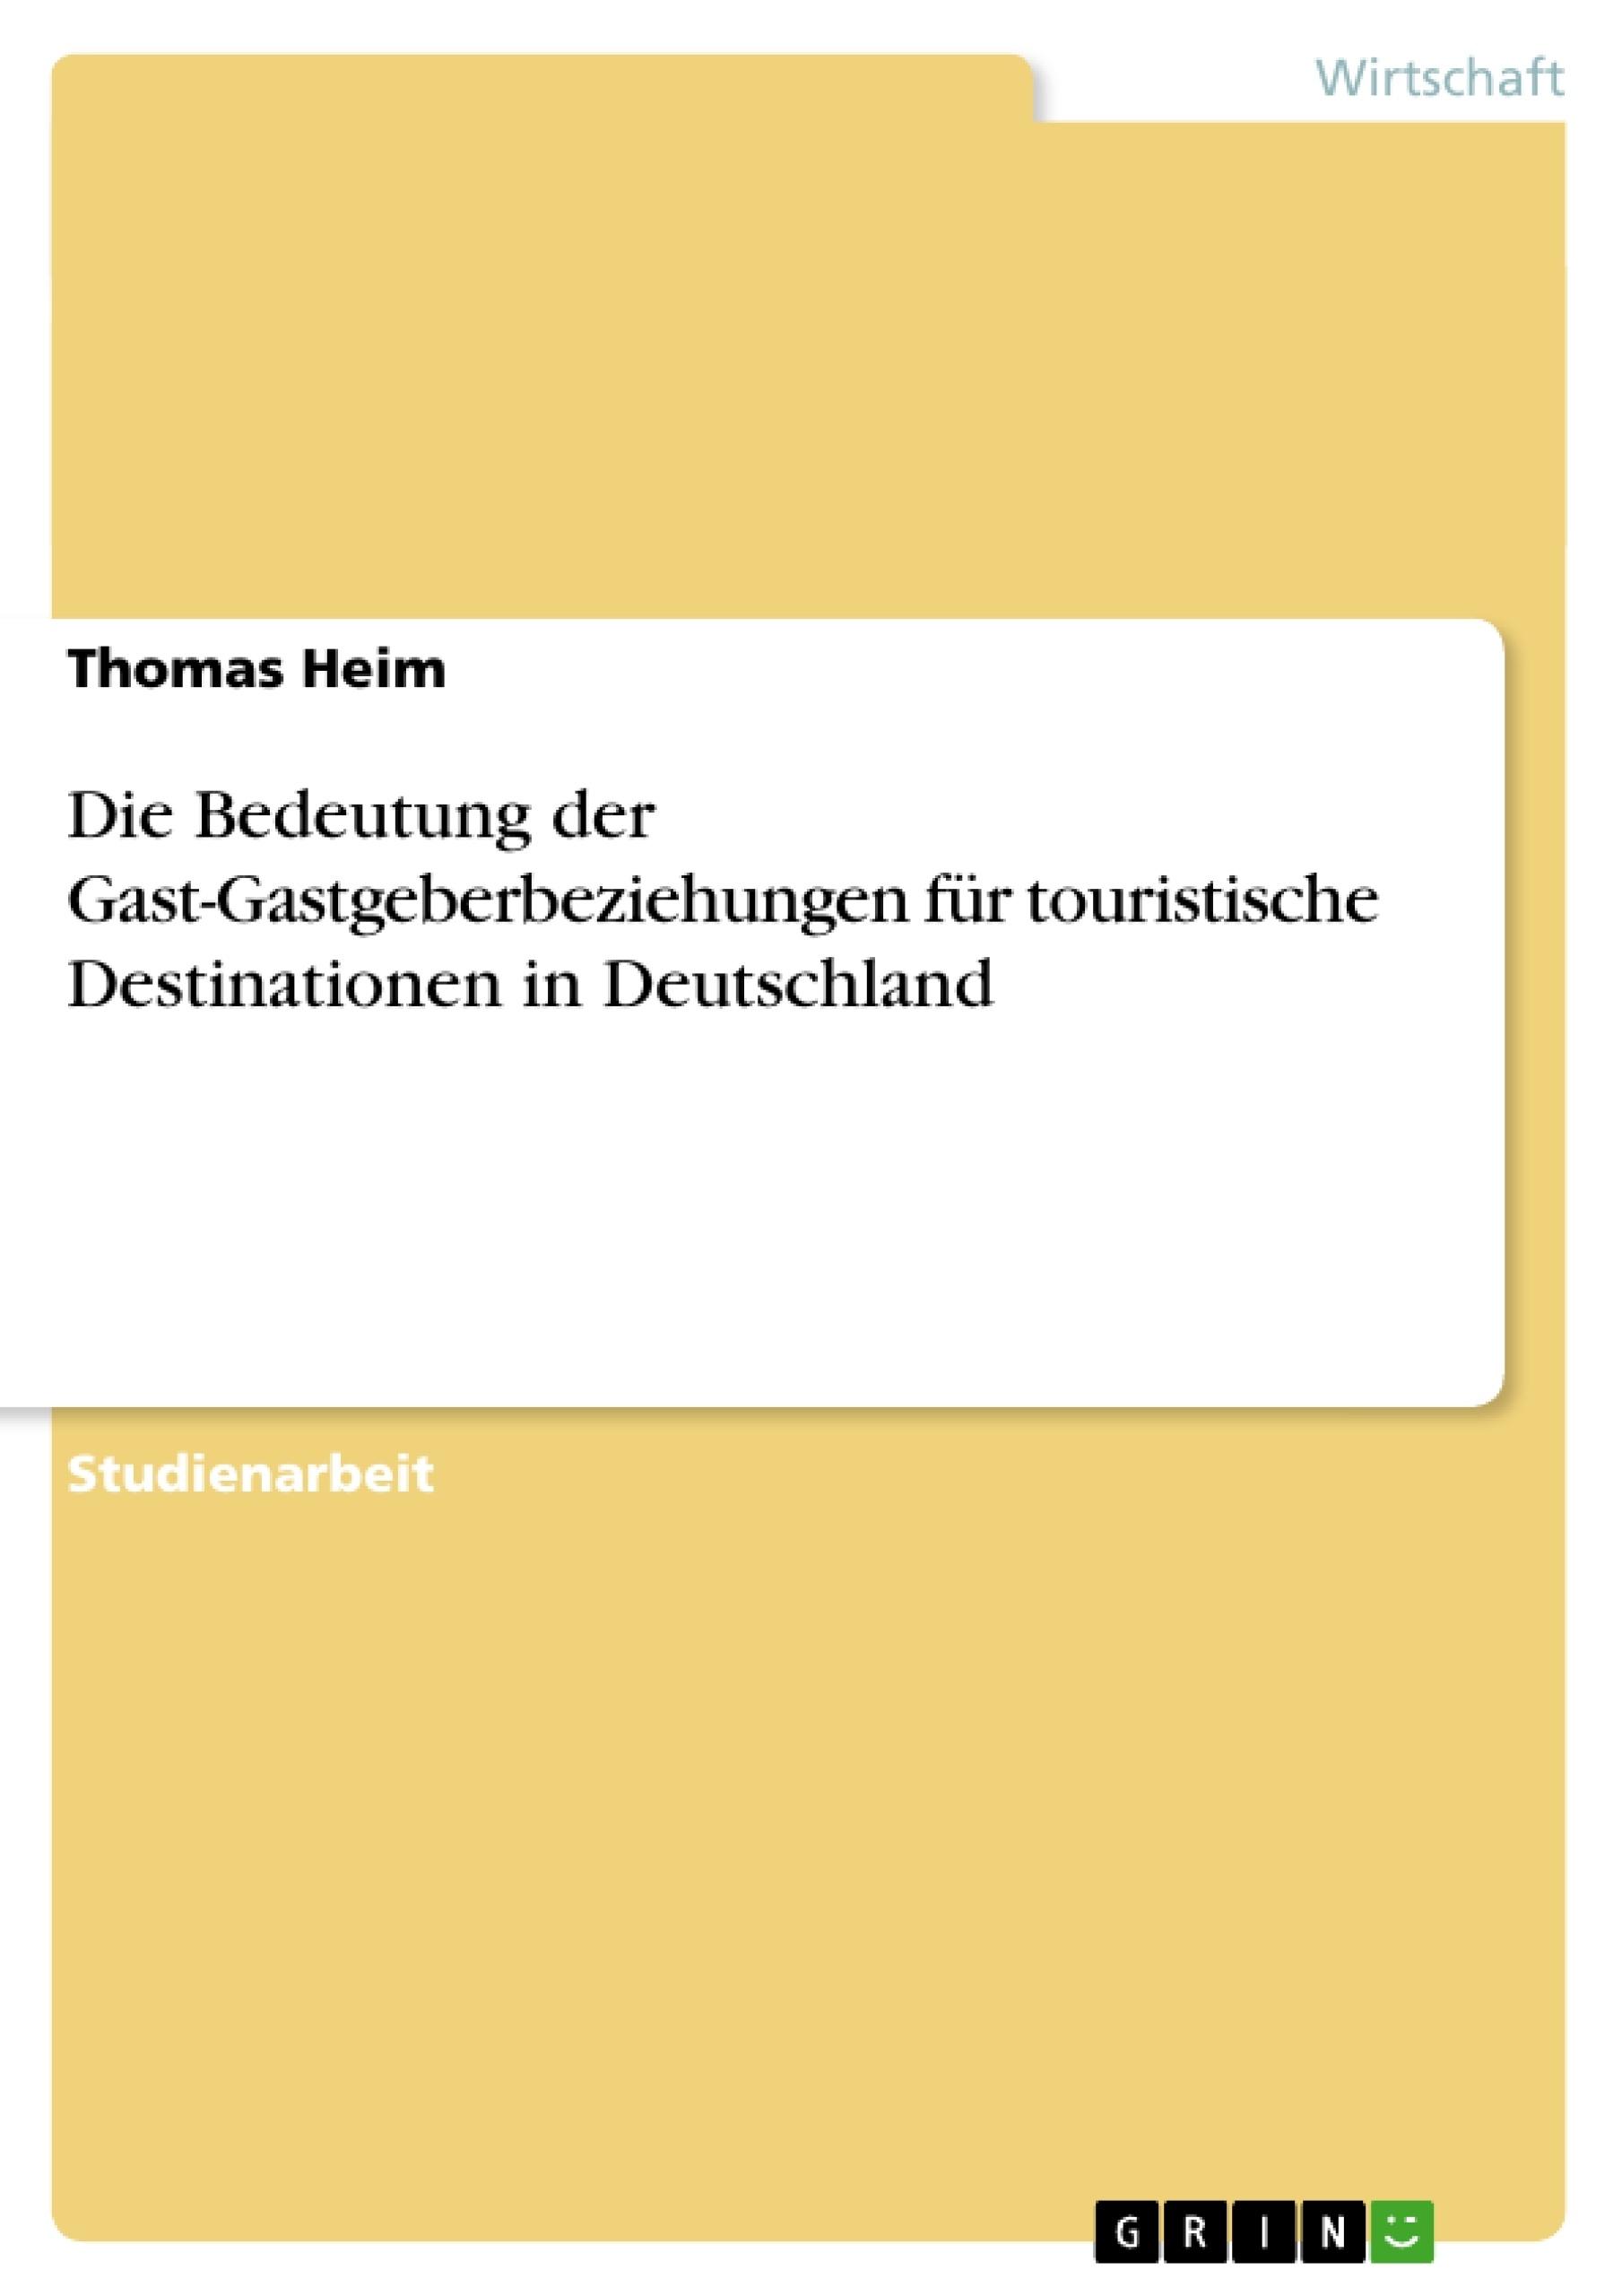 Titel: Die Bedeutung der Gast-Gastgeberbeziehungen für touristische Destinationen in Deutschland